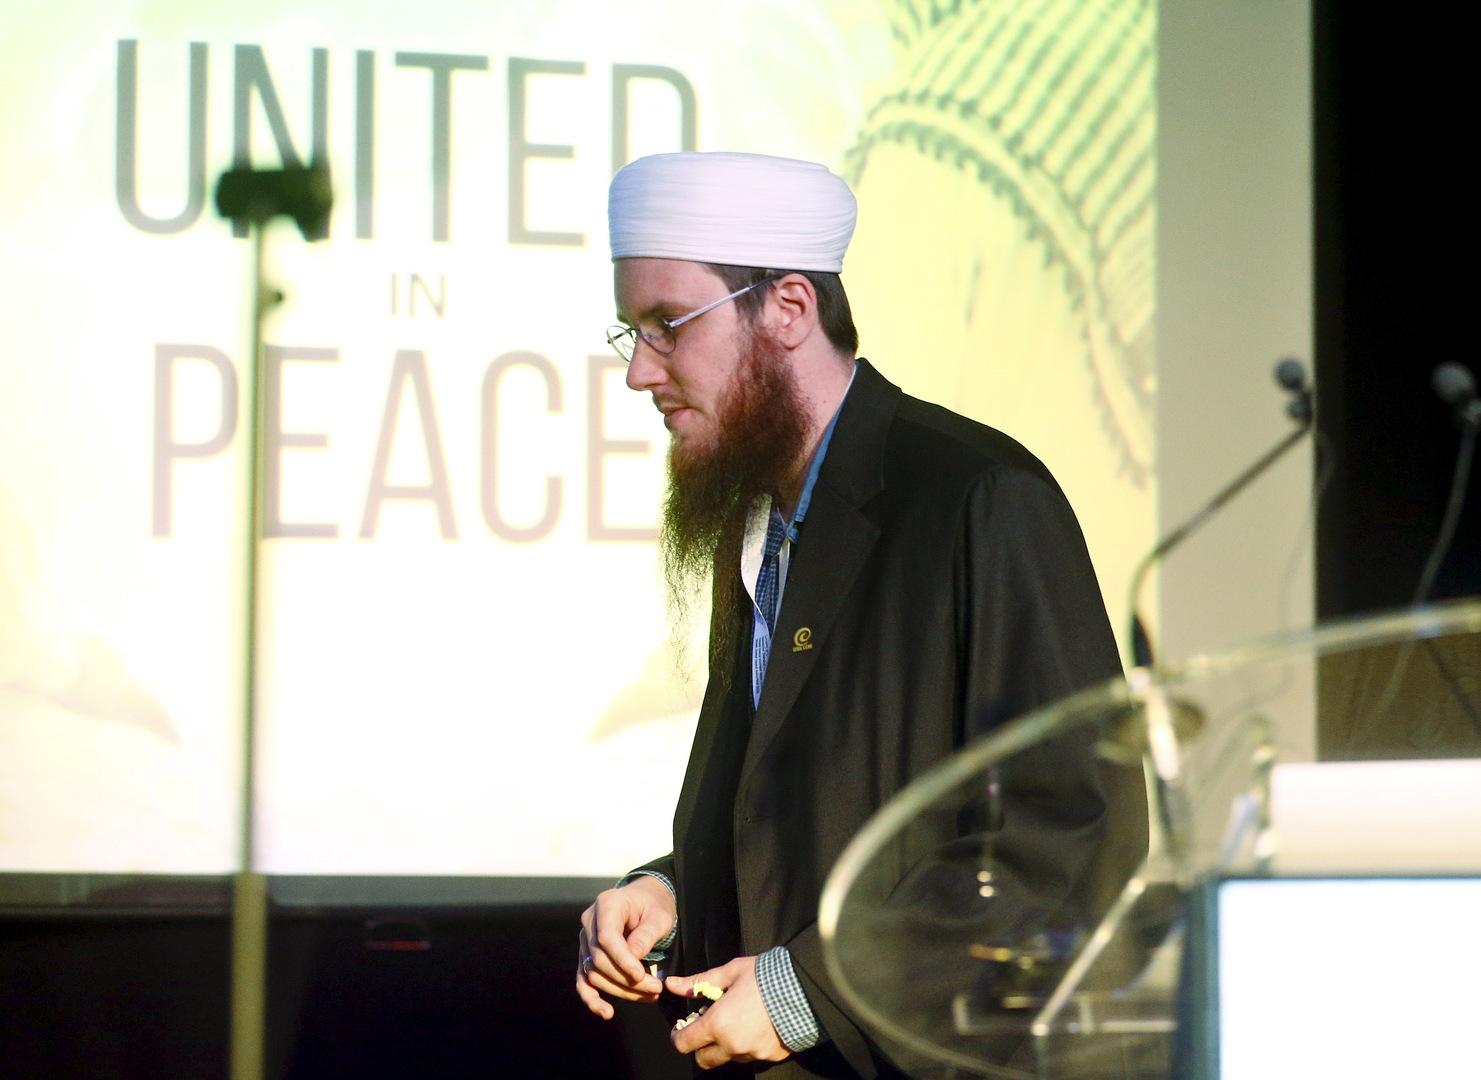 إدانة زعيمين مسلمين سويسريين بالترويج للـ